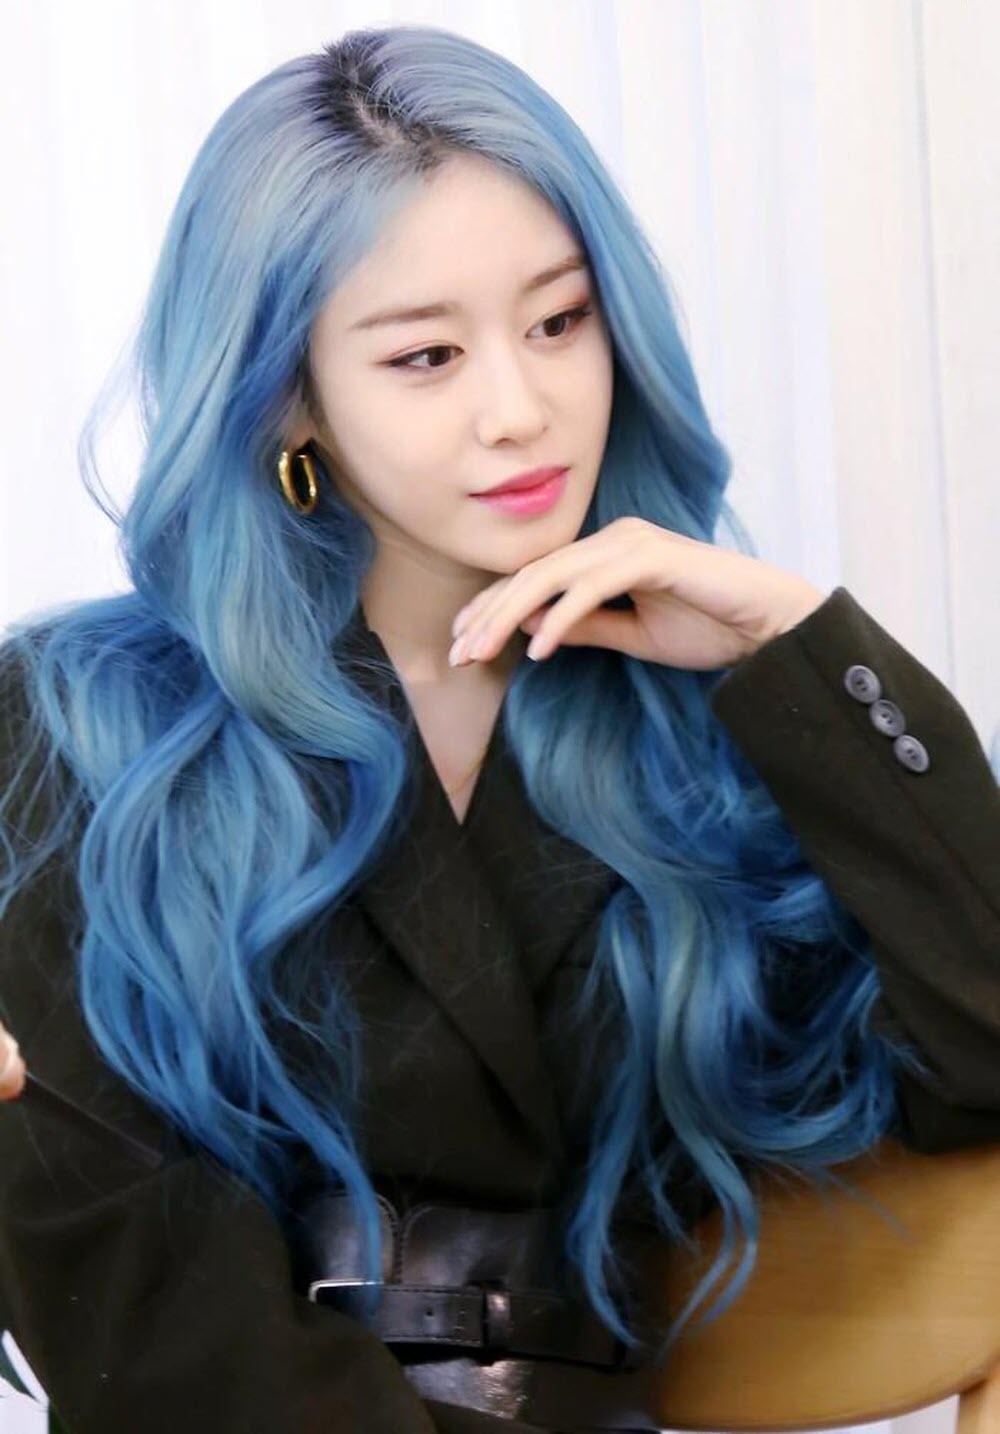 Ảnh màu tóc xanh trendy của Jiyeon